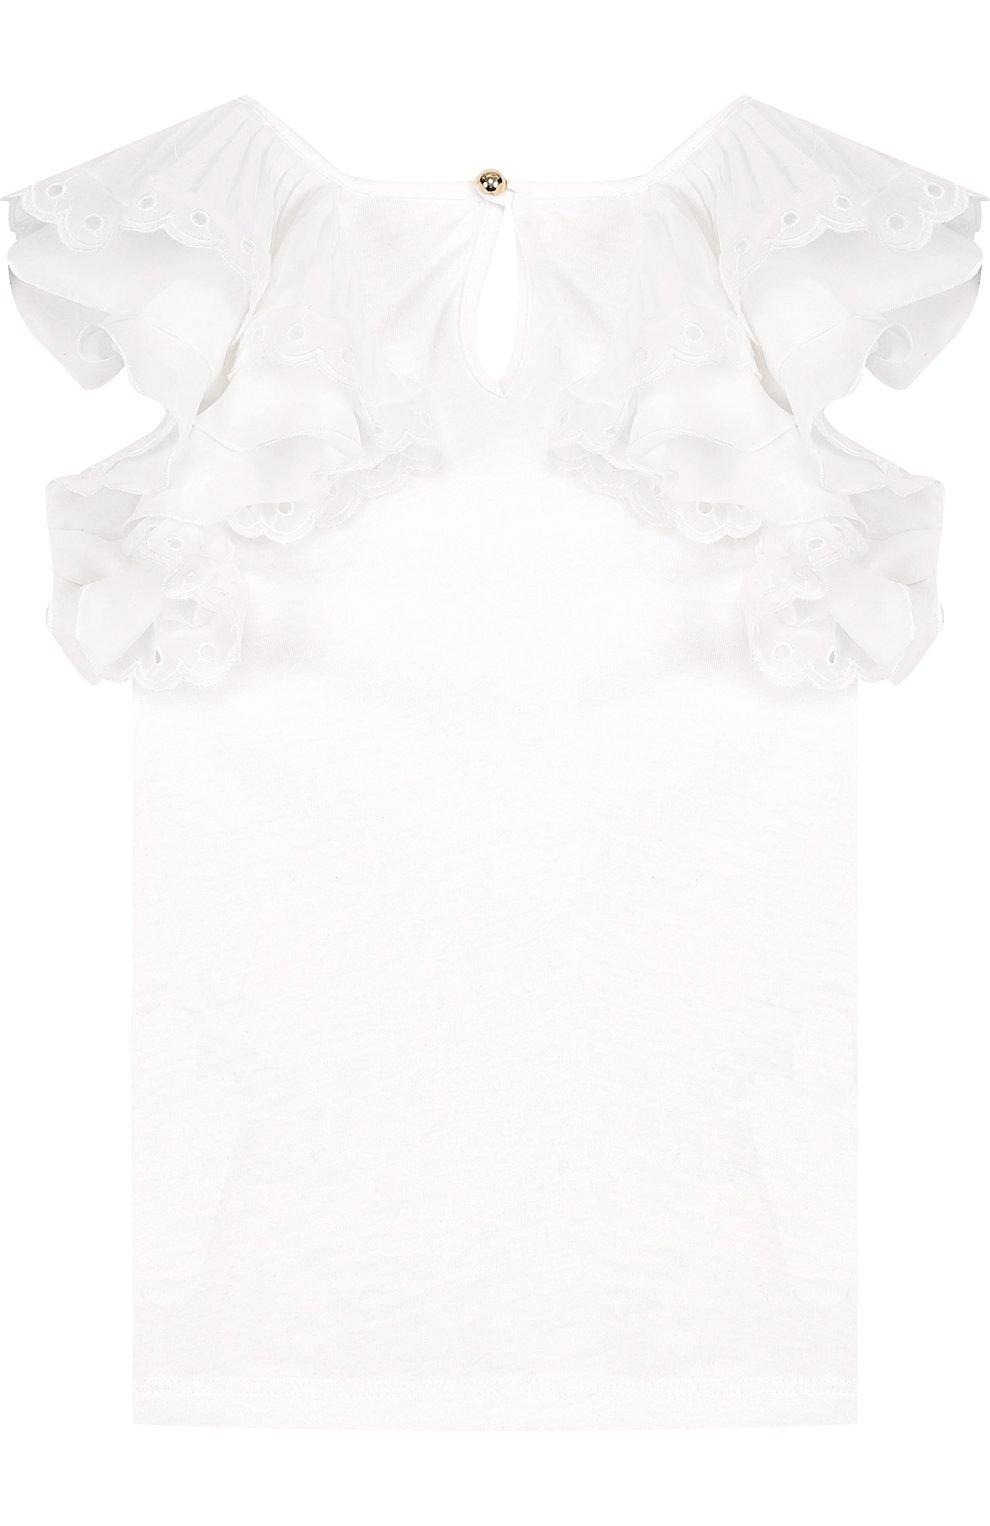 Детский топ джерси с кружевными оборками CHLOÉ белого цвета, арт. C15668/14A | Фото 2